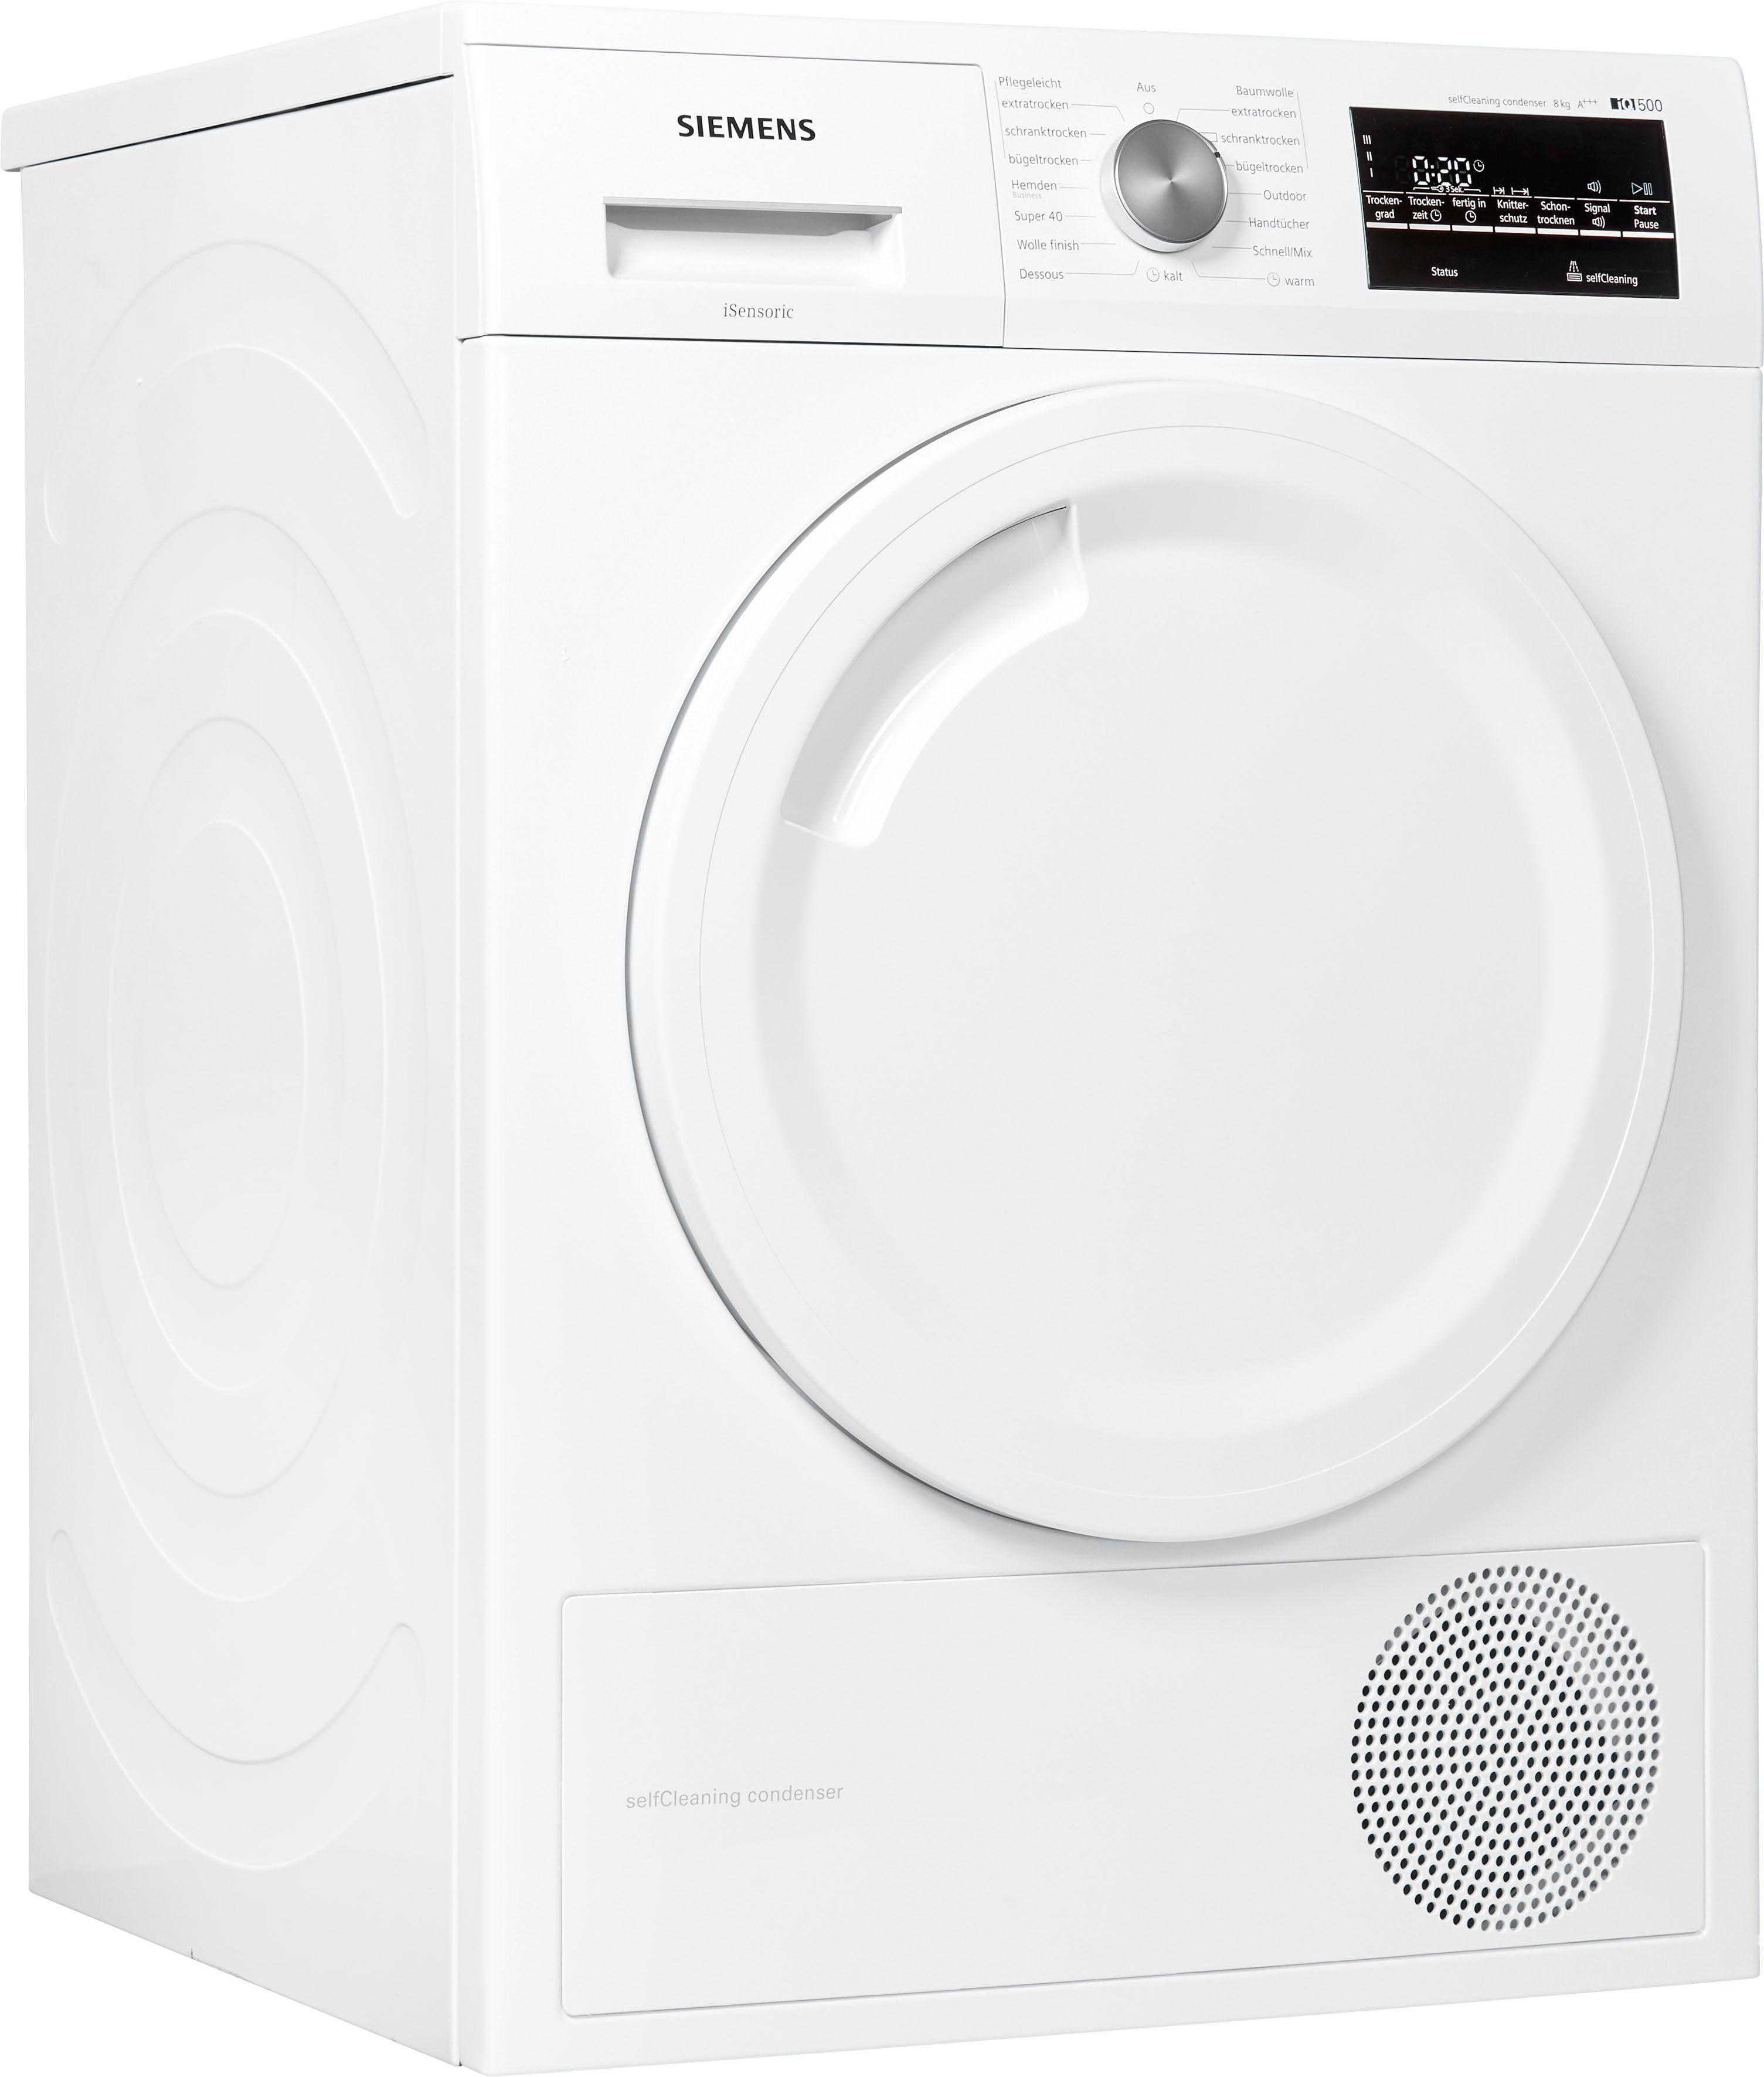 SIEMENS Wärmepumpentrockner iQ500 WT44W4A3 8 kg | Bad > Waschmaschinen und Trockner | Weiß | Siemens